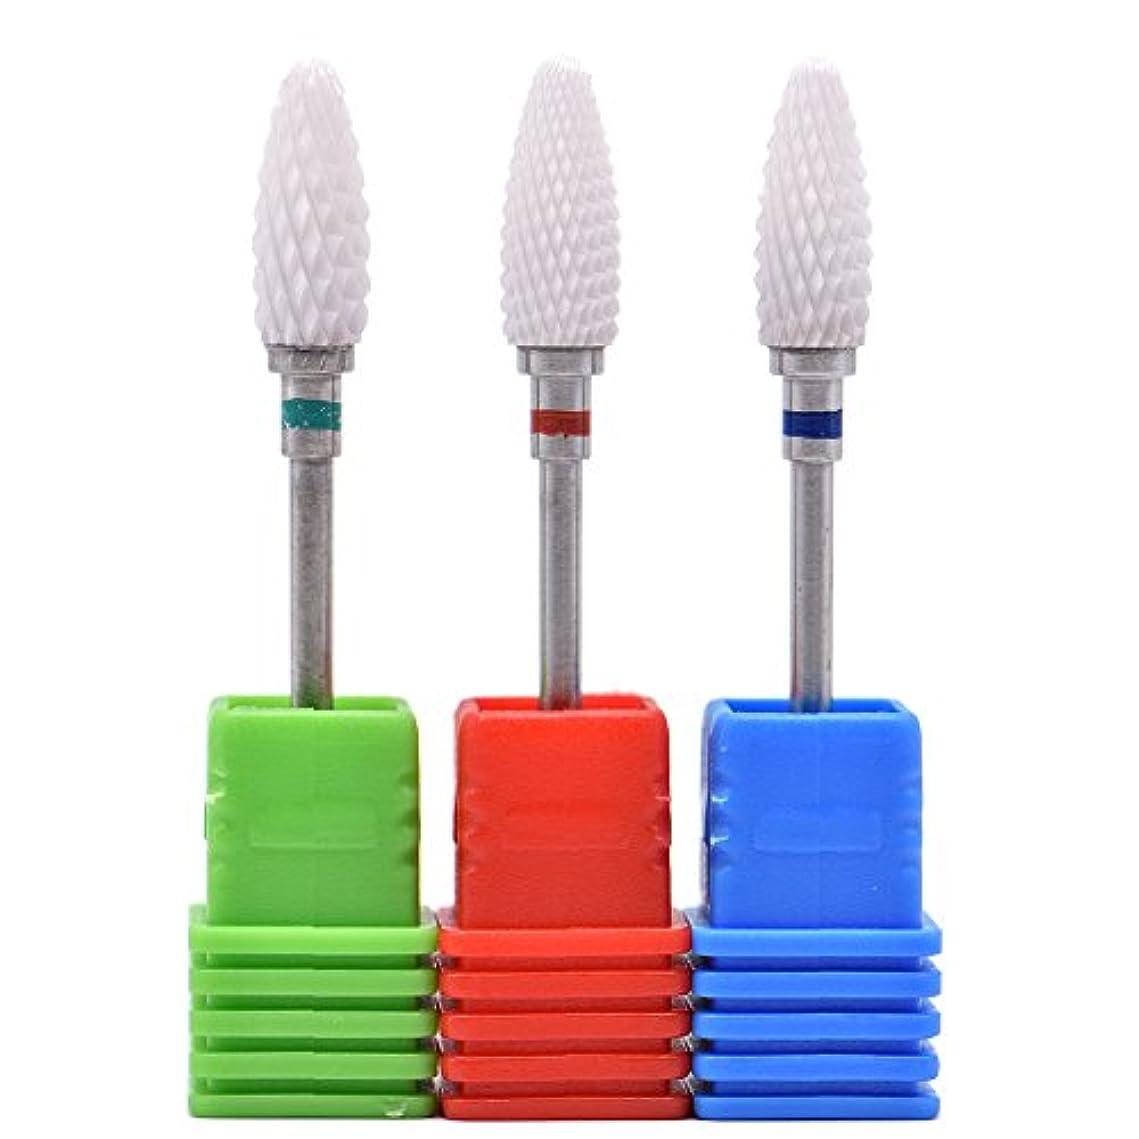 妥協蘇生する伝染性Oral Dentistry ネイルアート ドリルビット 長い 研磨ヘッド ネイル グラインド ヘッド 爪 磨き 研磨 研削 セラミック 全3色 (レッドF(微研削)+グリーンC(粗研削)+ブルーM(中仕上げ))